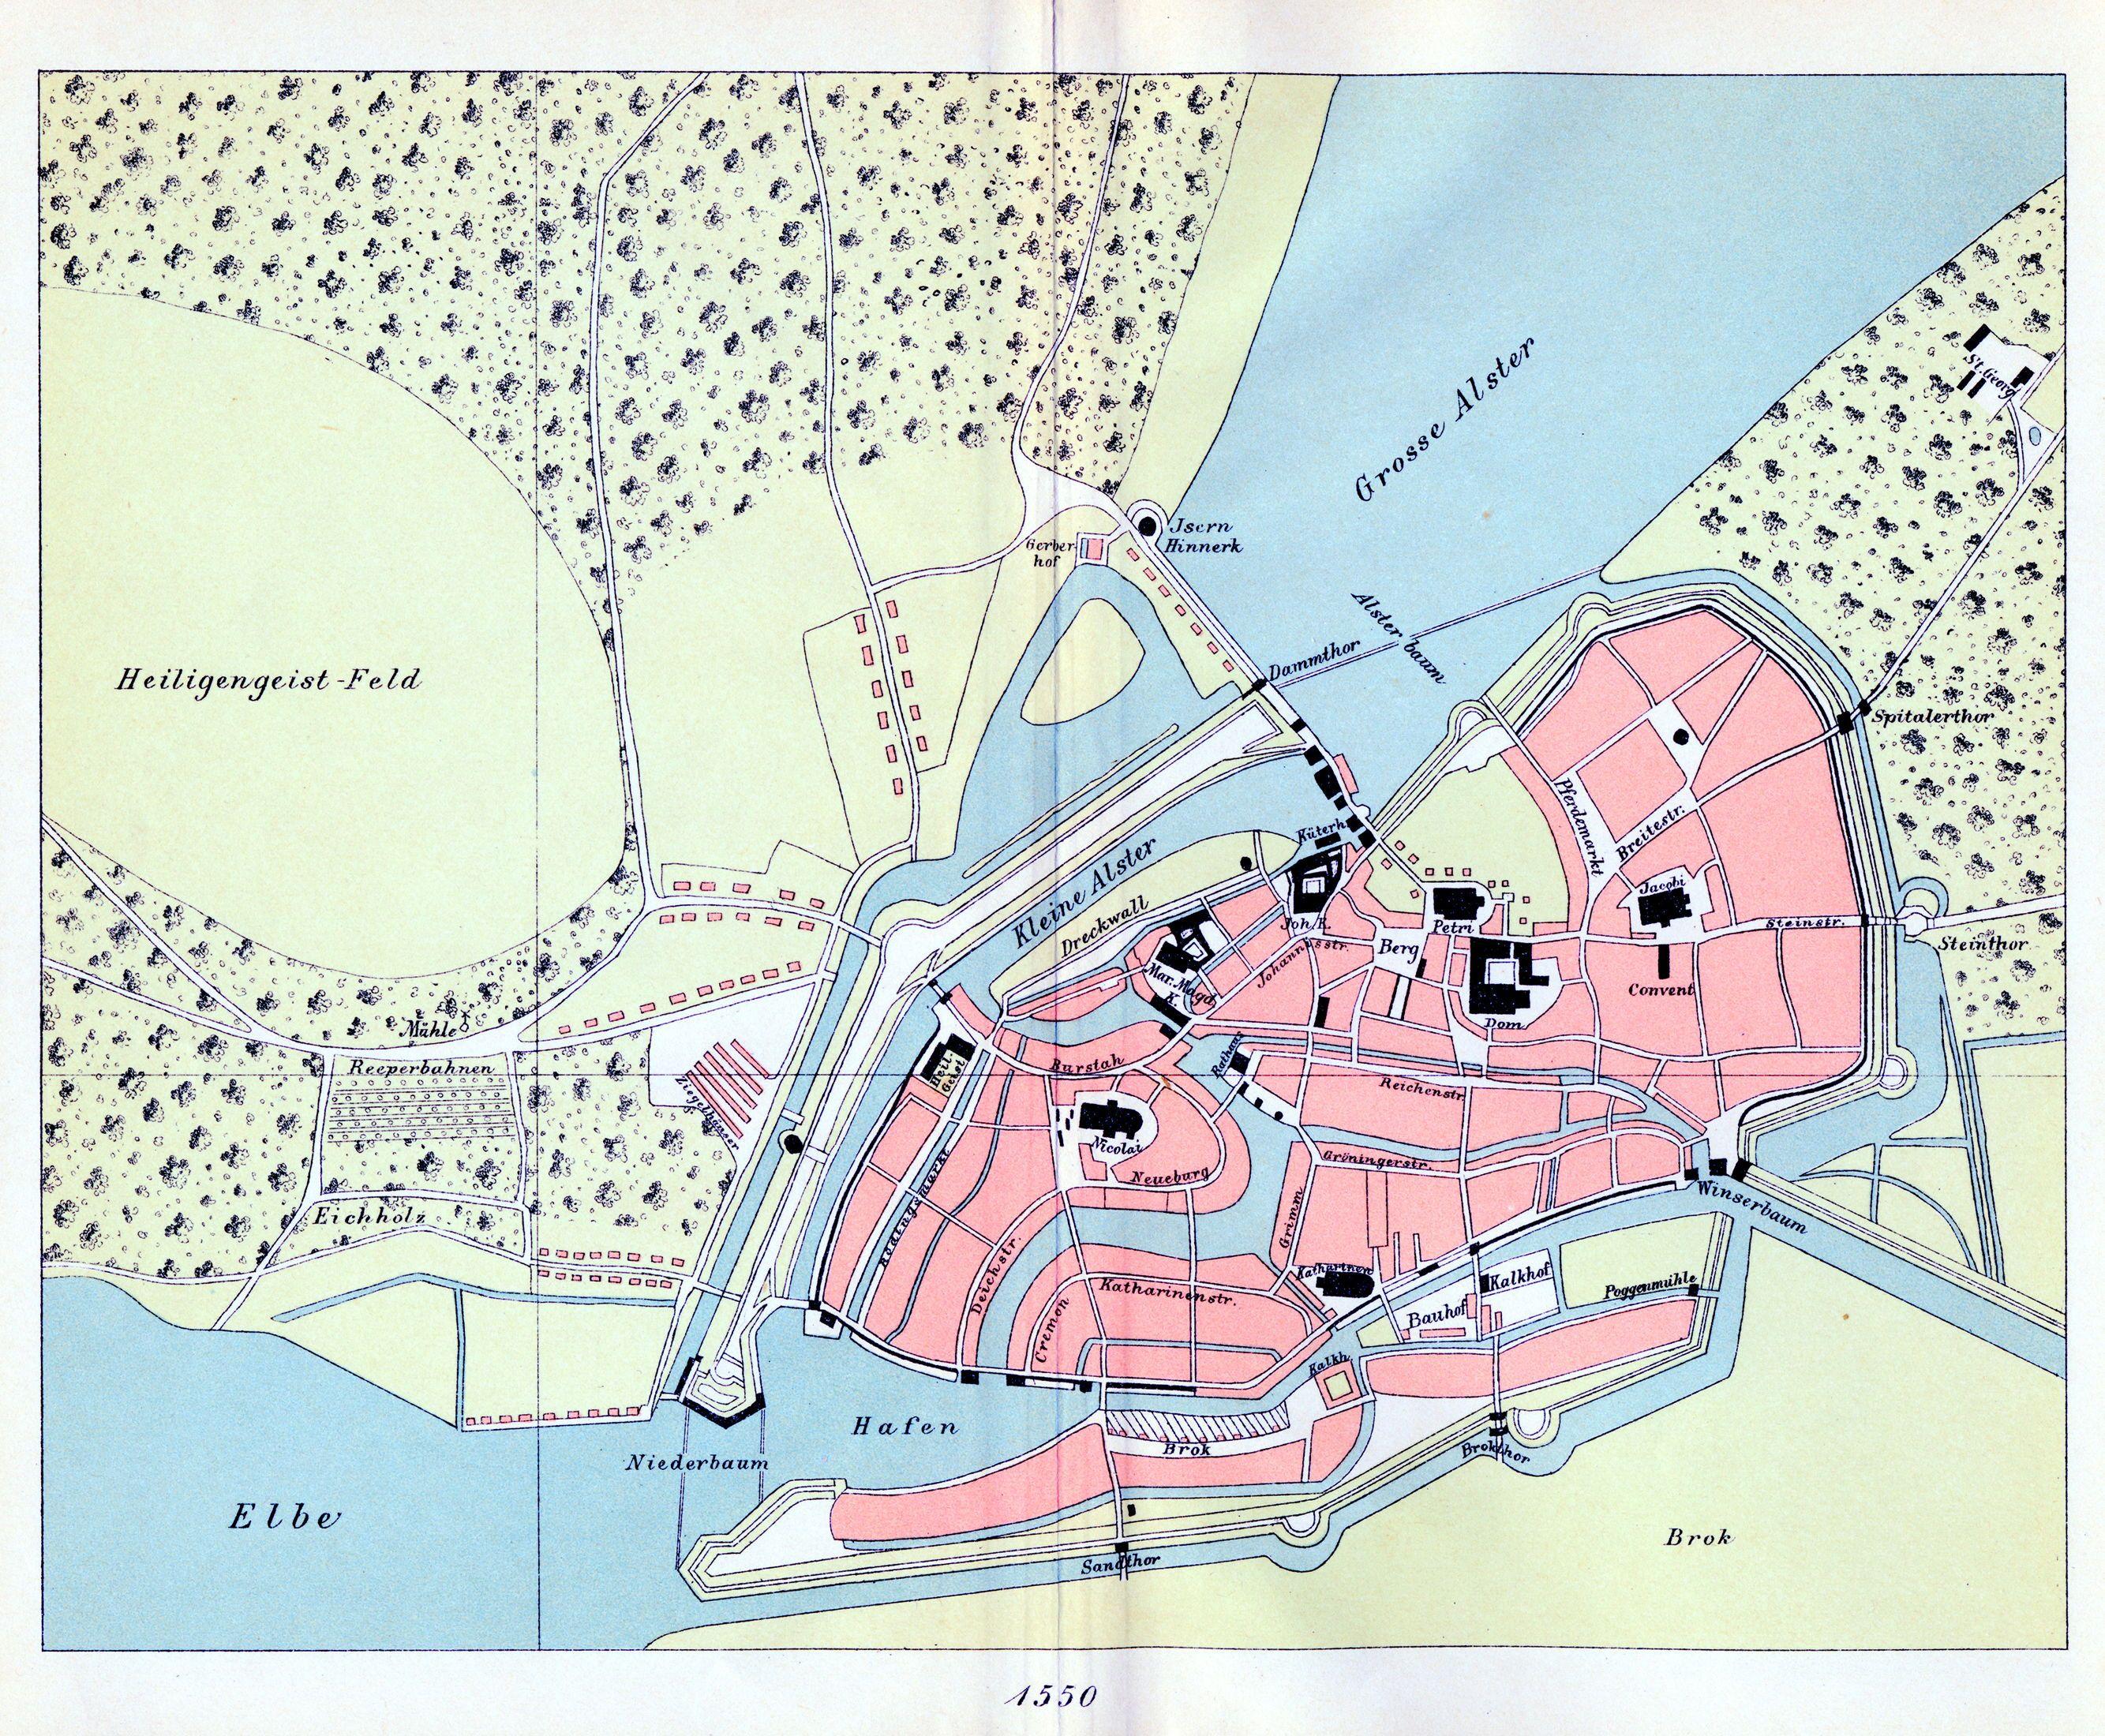 Alte und historische topographische Karten Stadtpläne und Straßenkarten aus Hamburg